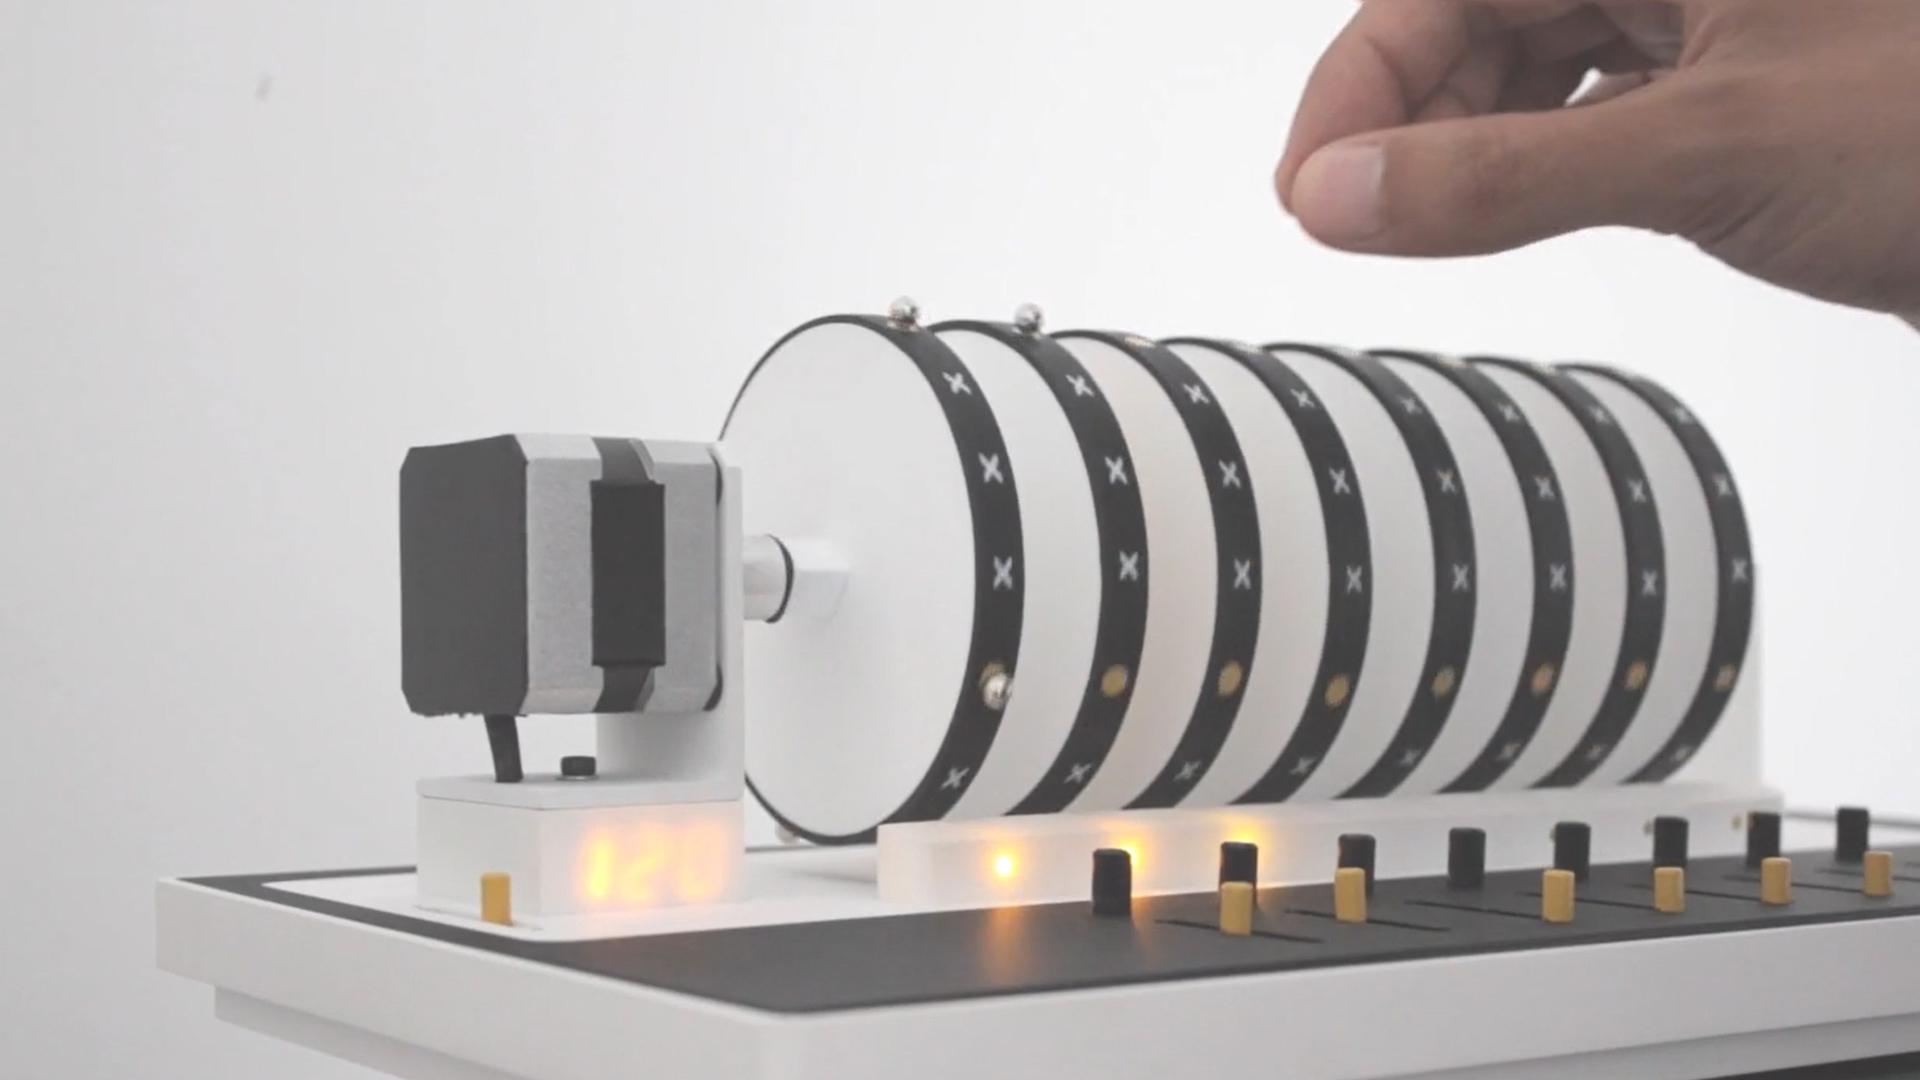 La caja de música digital combina tradición, creatividad y tecnología